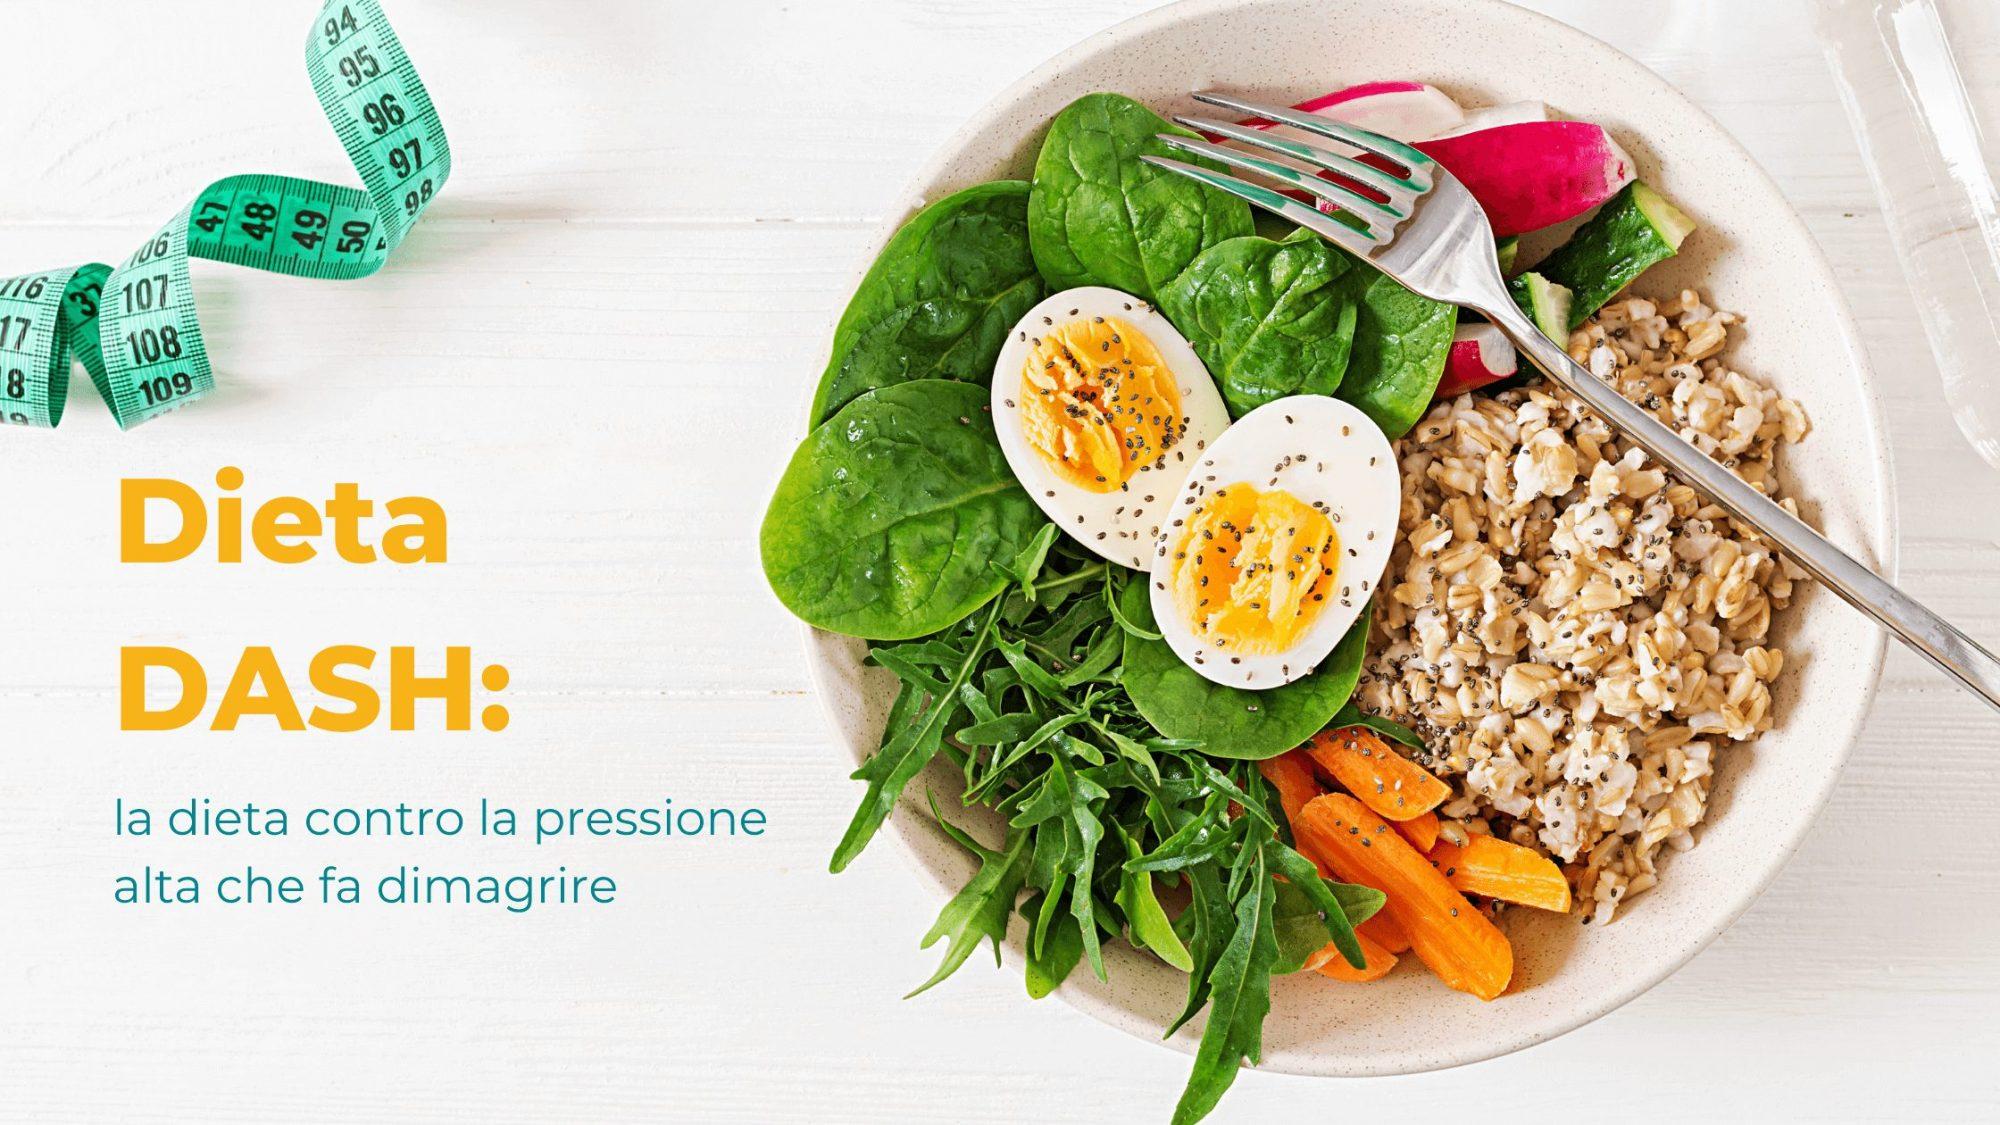 dieta-dash-pressione-salute-cosa mangiare-dimagrire